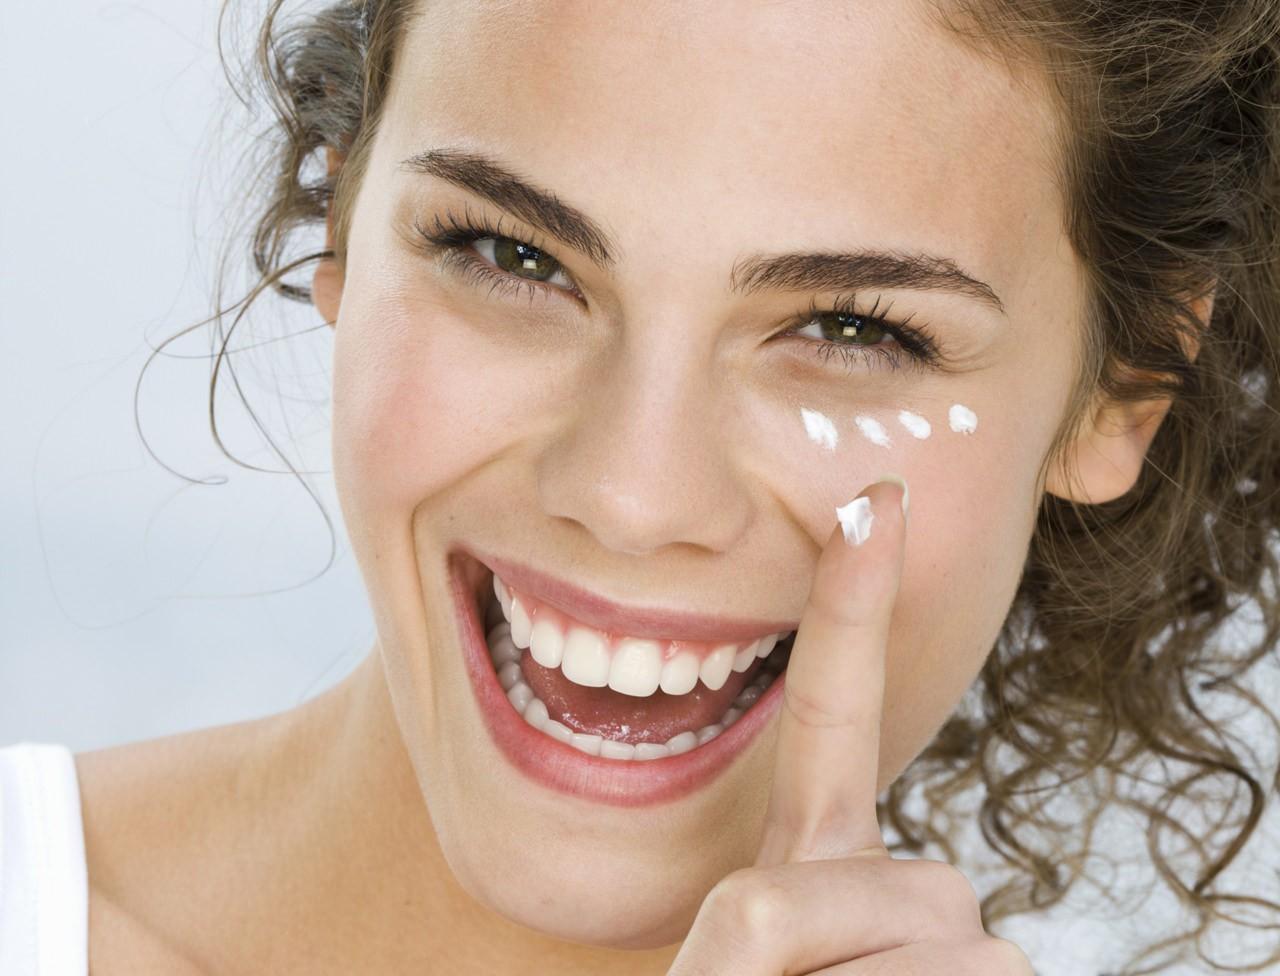 Пшеничная маска помимо омолаживающего эффекта, помогает очистить кожу от любых загрязнений